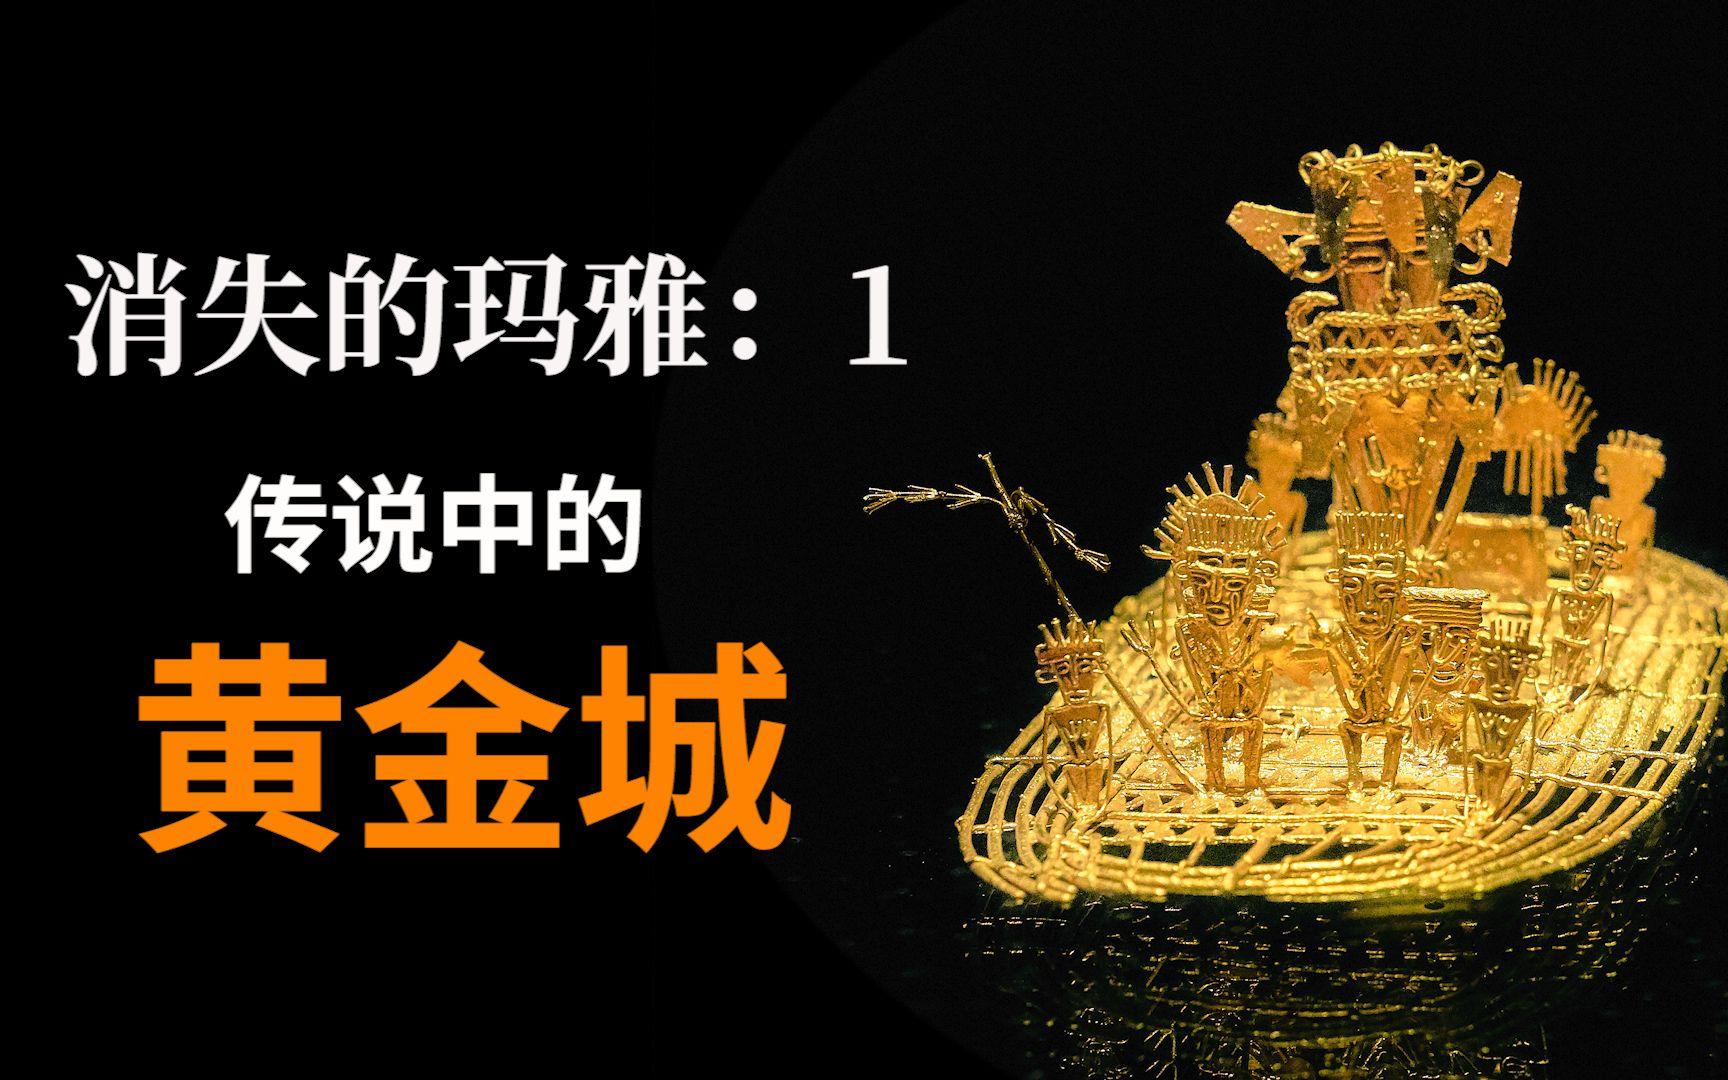 一个让玛雅人灭亡的传说: 梦想中的黄金城! 地球编年史29